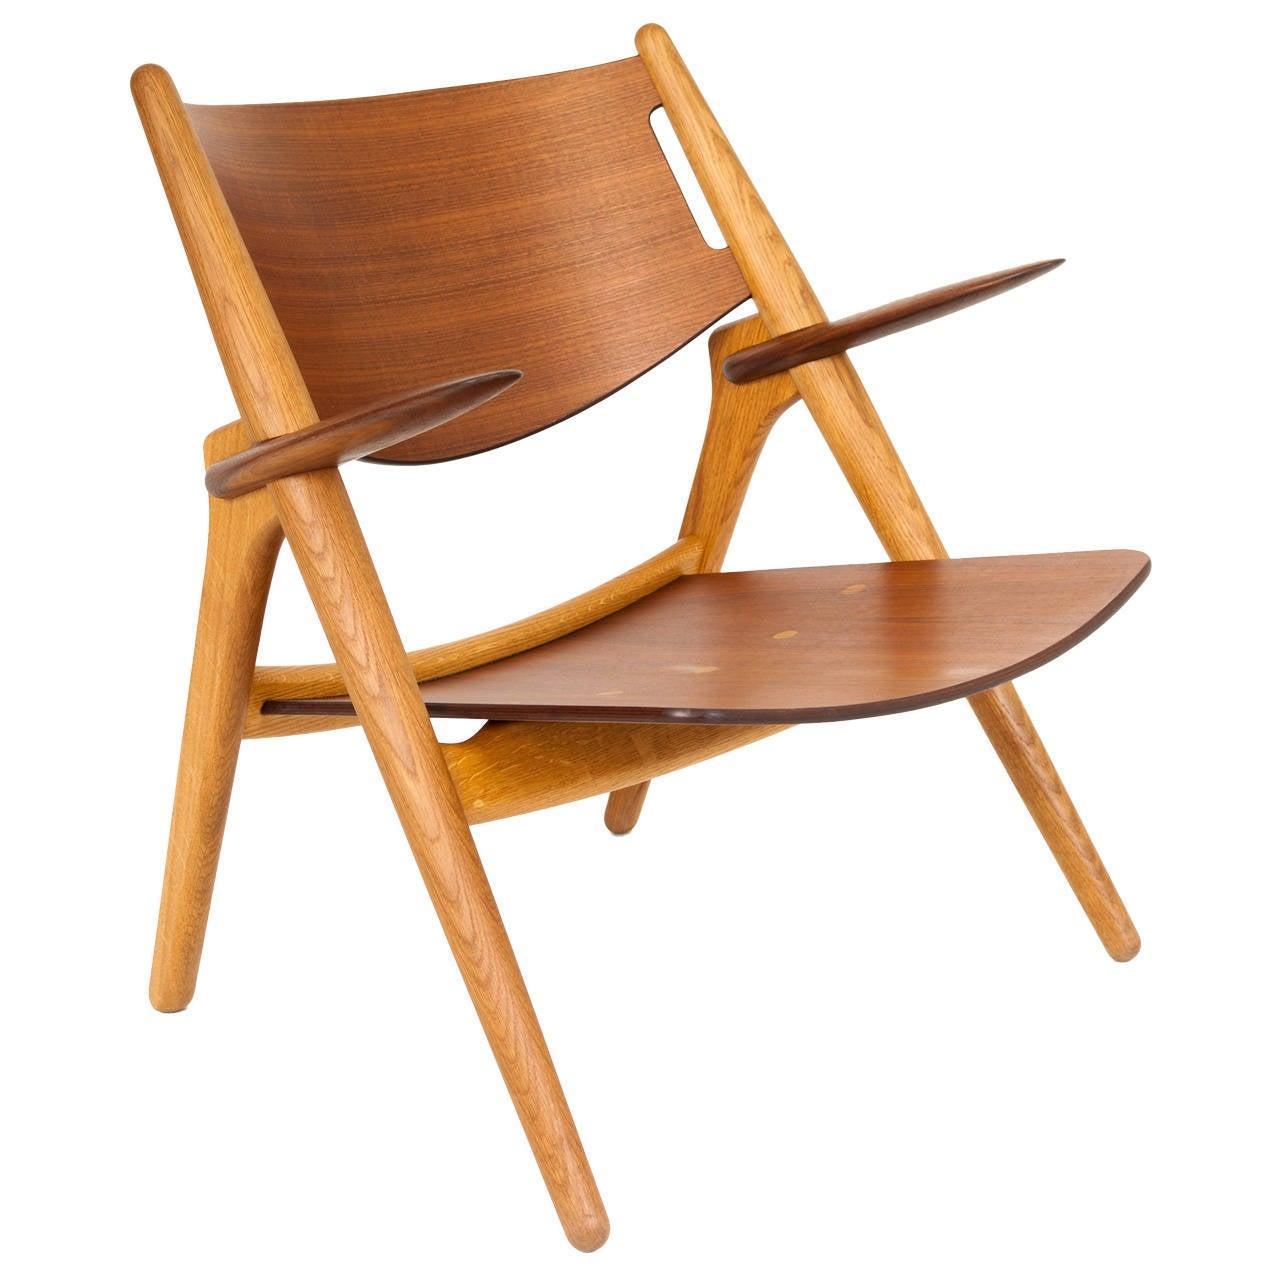 hans j wegner lounge chair model ch 28 for sale at 1stdibs. Black Bedroom Furniture Sets. Home Design Ideas